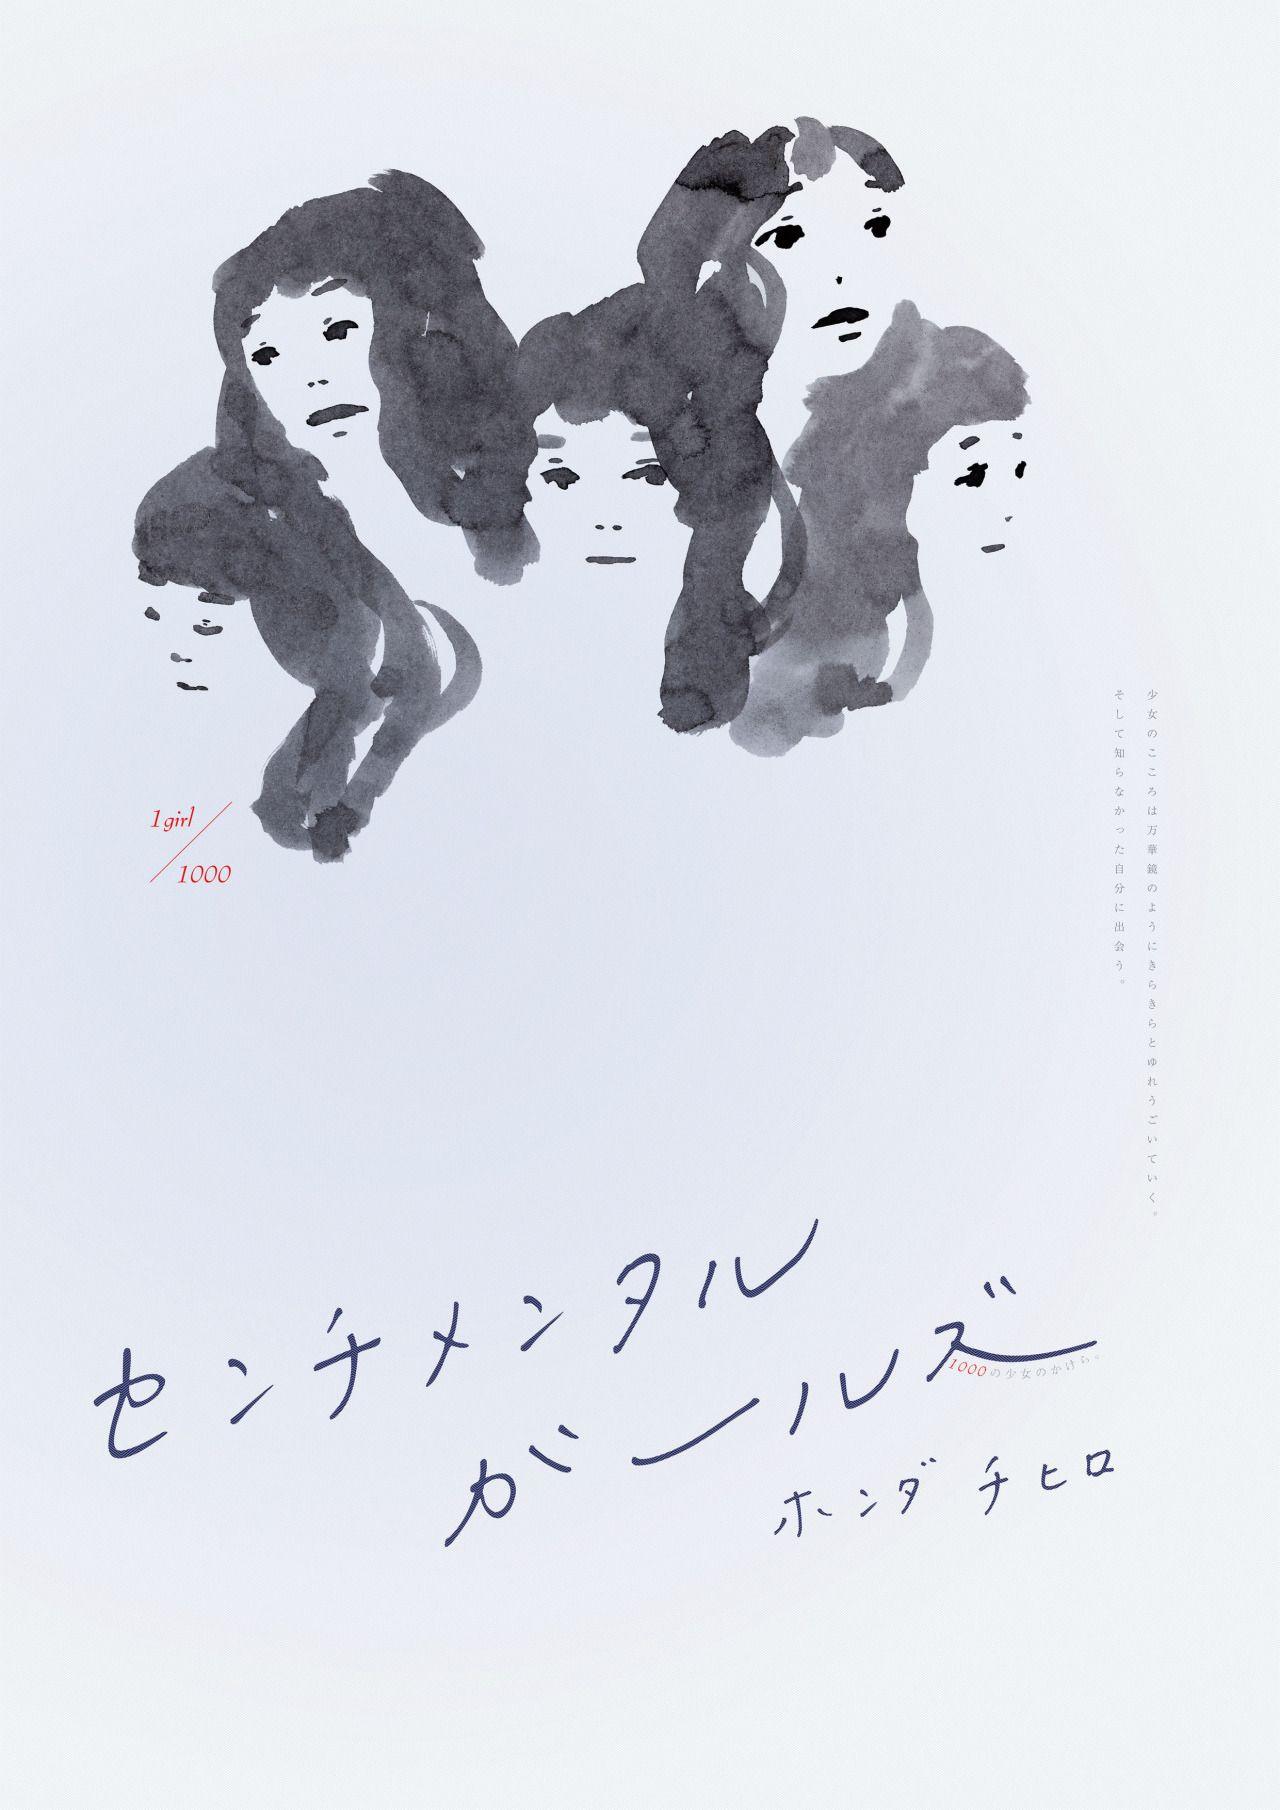 sentimental girls - chihiro honda | illustration | pinterest